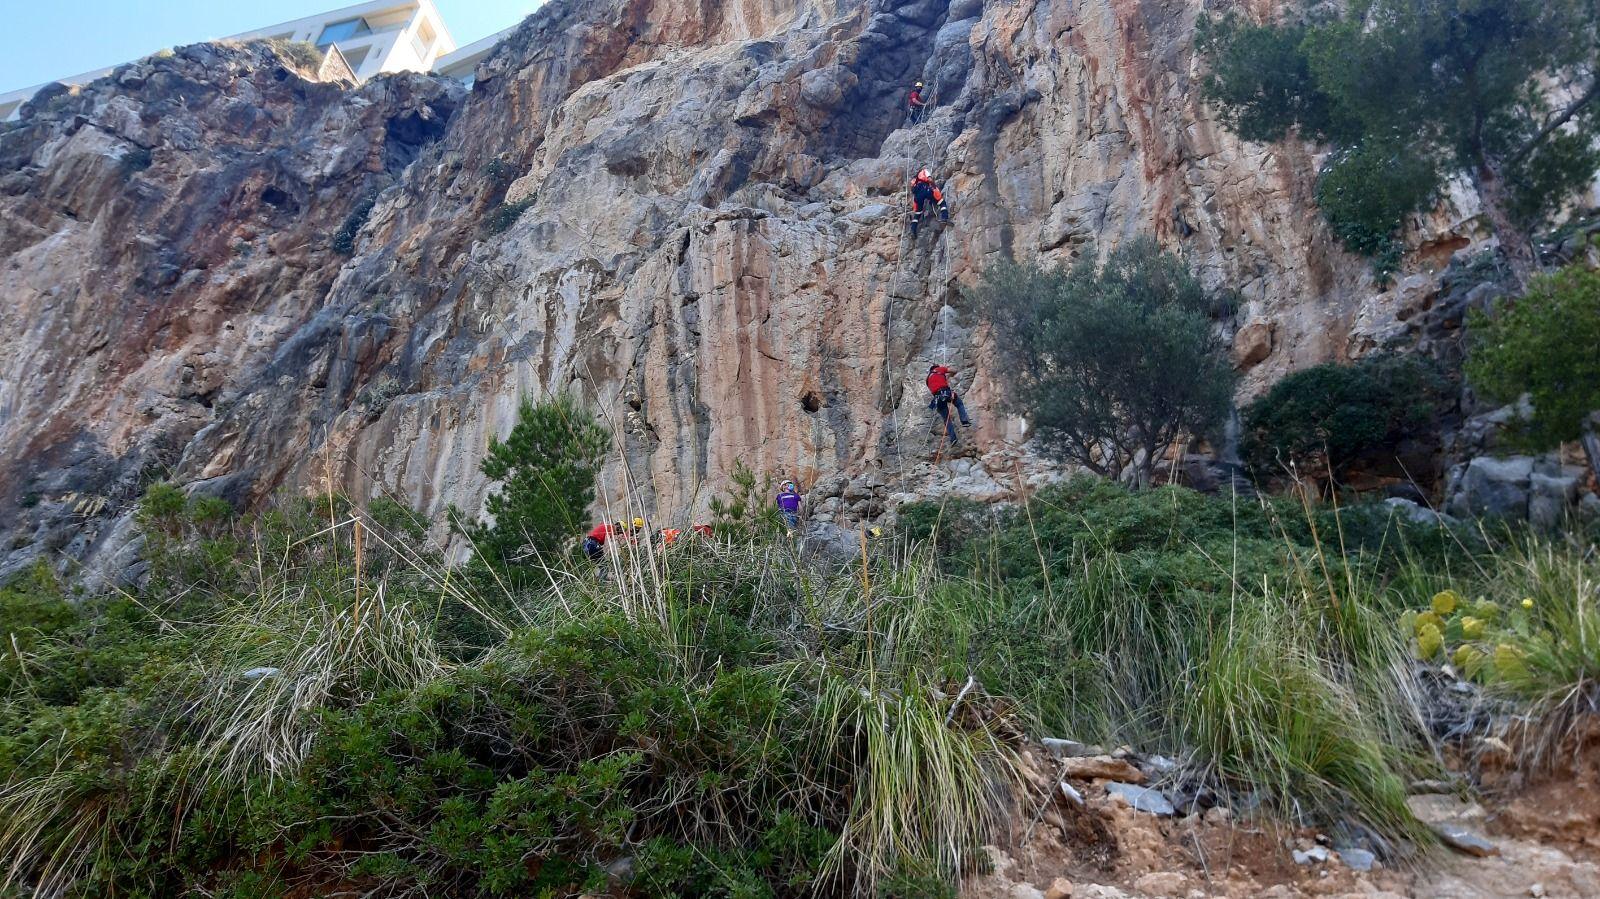 Simulacro de un rescate extremo  en la montaña